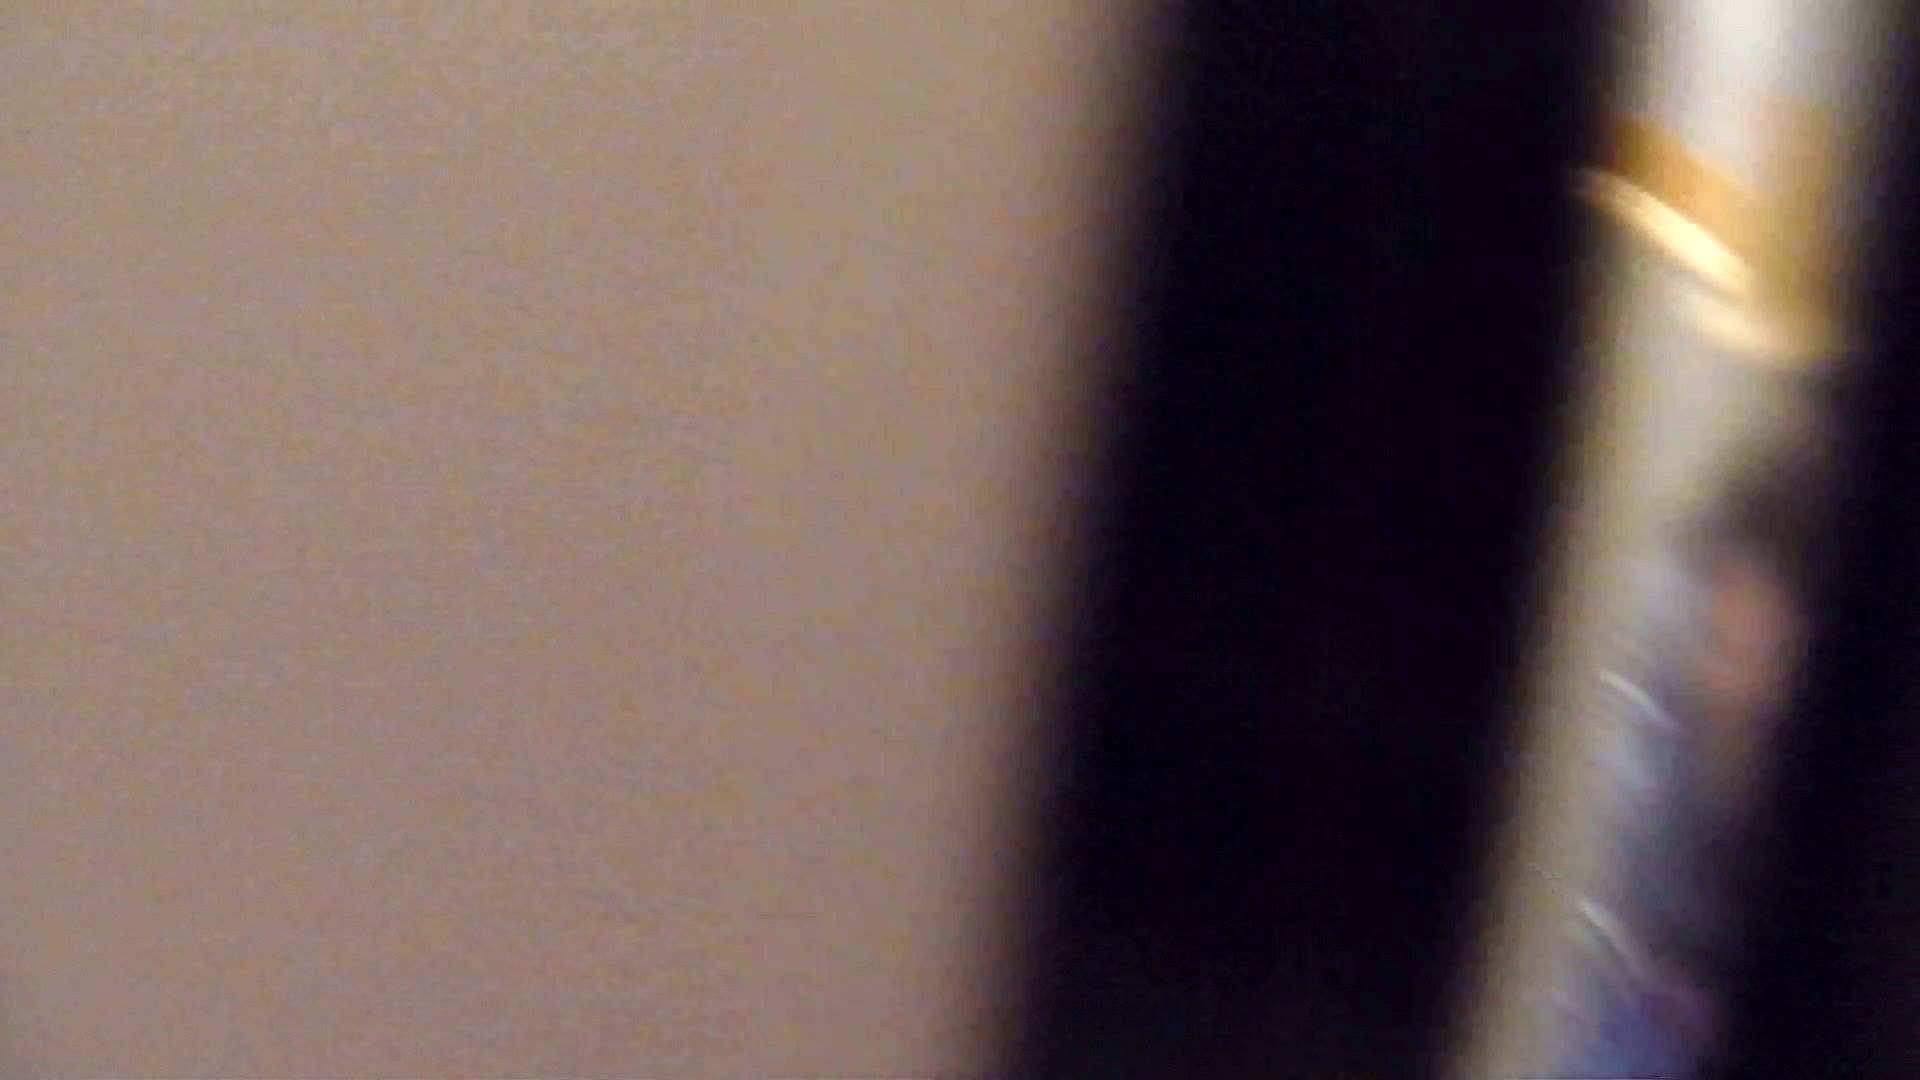 洗寿観音さんの 化粧室は四面楚歌Nol.1 洗面所のぞき AV動画キャプチャ 96枚 39